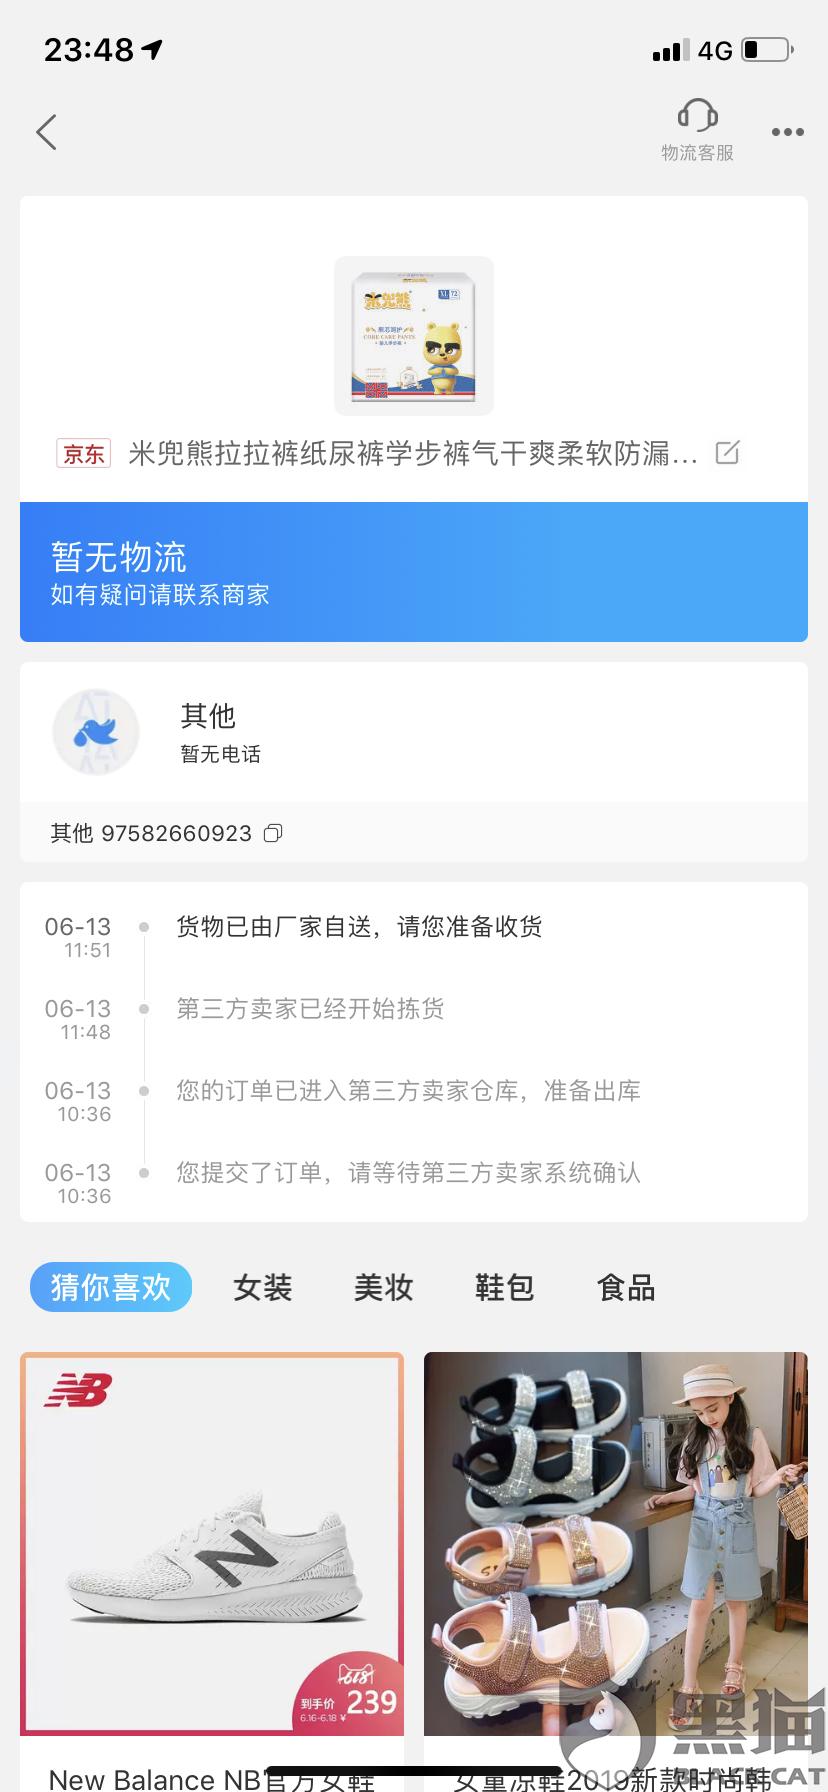 黑猫投诉 2019年6月13日在京东上购买了米兜熊纸尿裤,商家不发货,我自己也没收到货